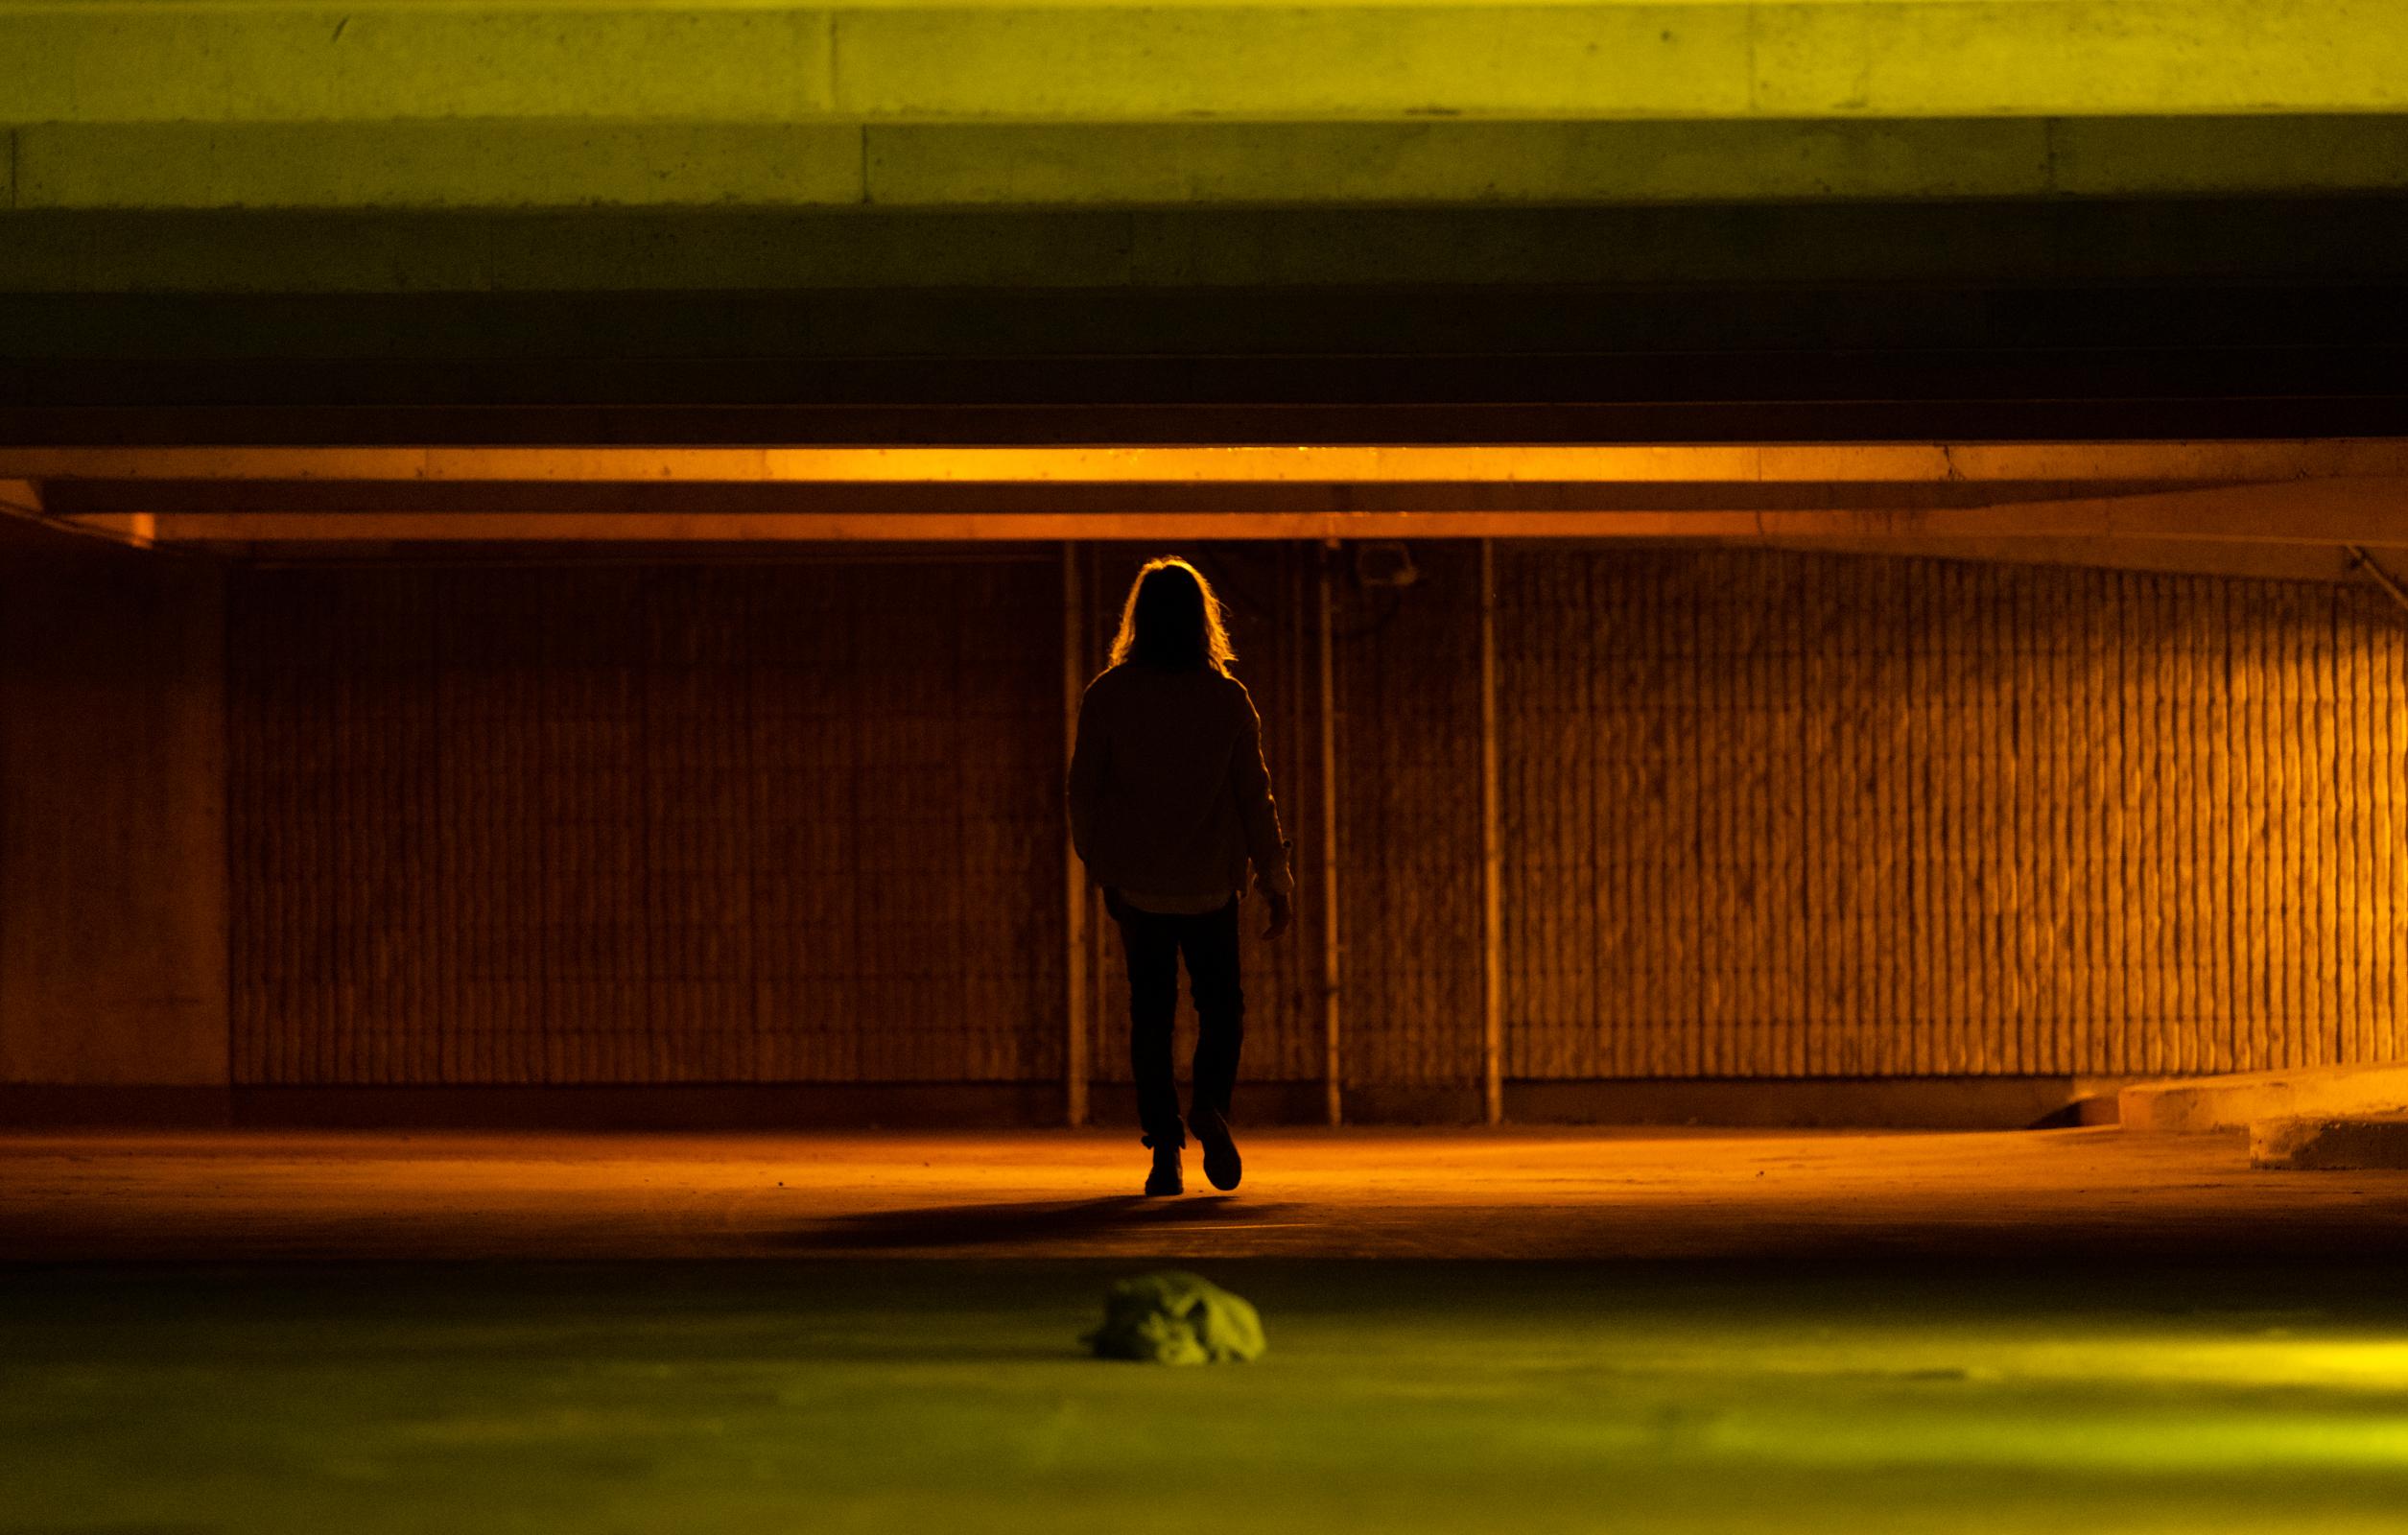 Human_Playground_-_Milan_Gervais_-_Insca